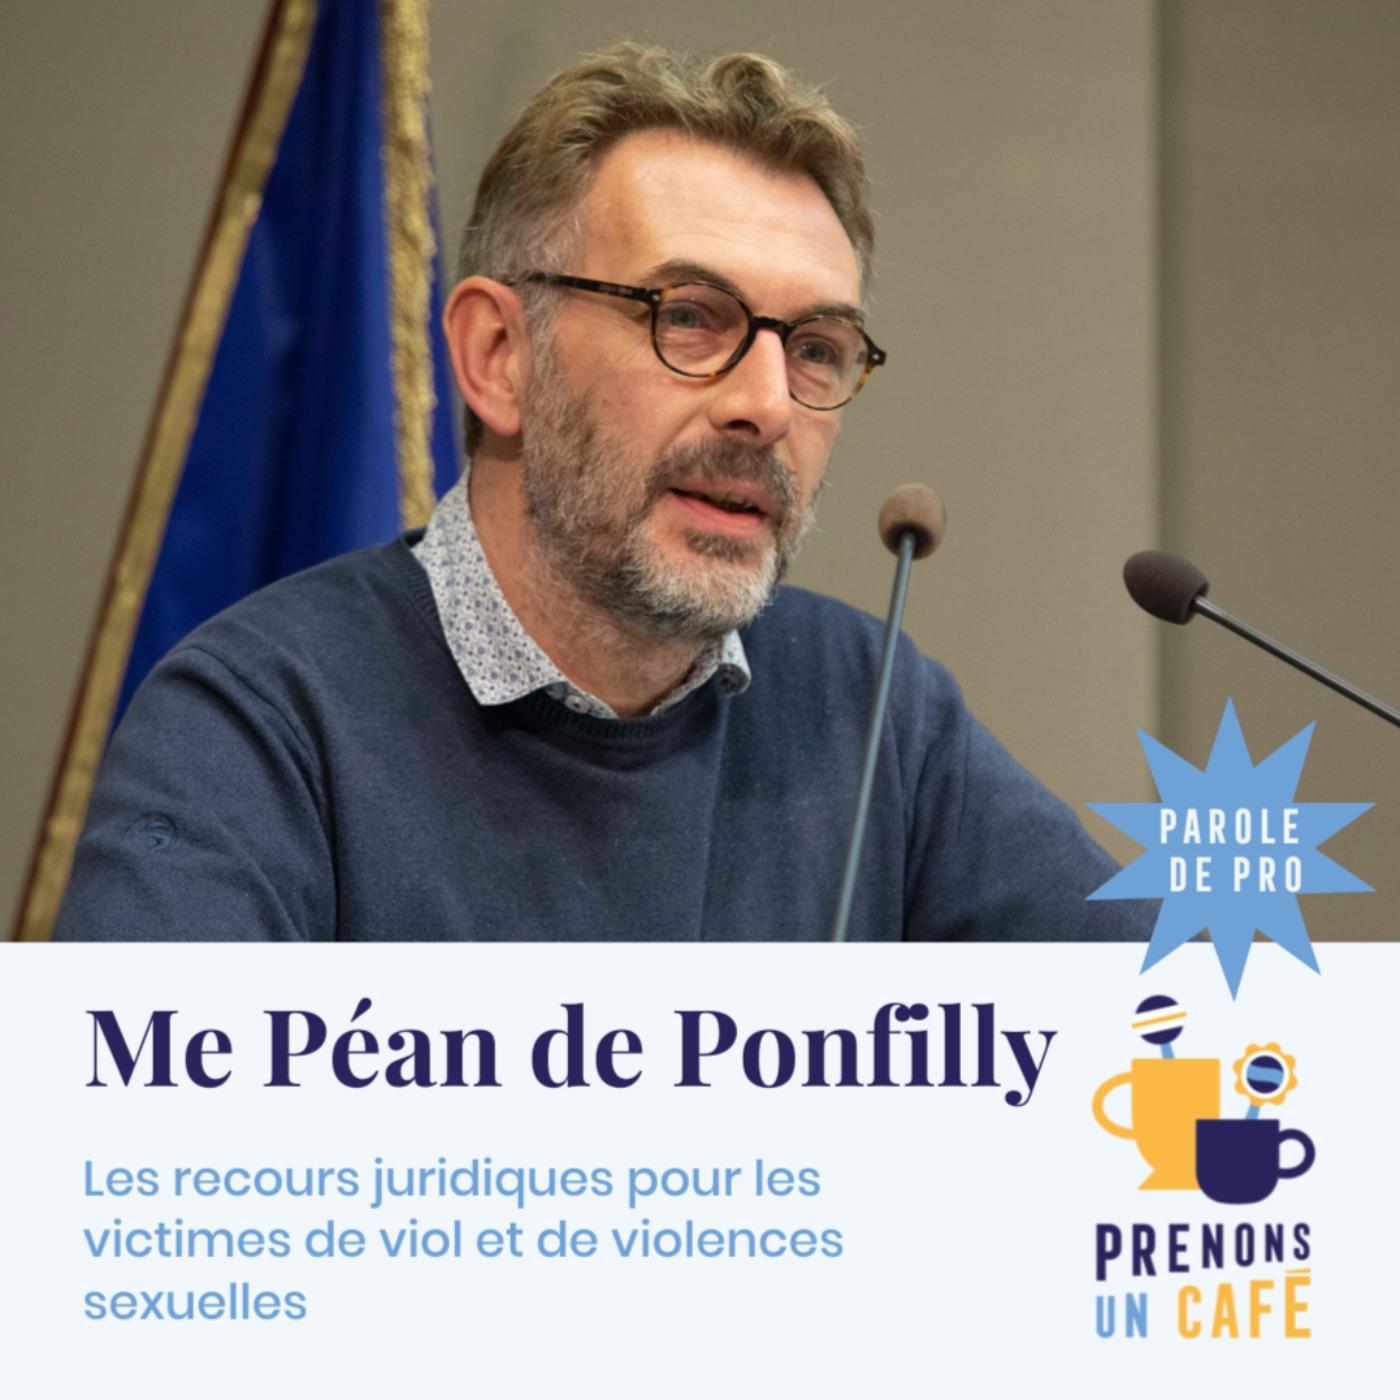 Parole de Pro - Maitre Péan de Ponfilly - Les recours juridiques pour les victimes de viols et de violences sexuelles